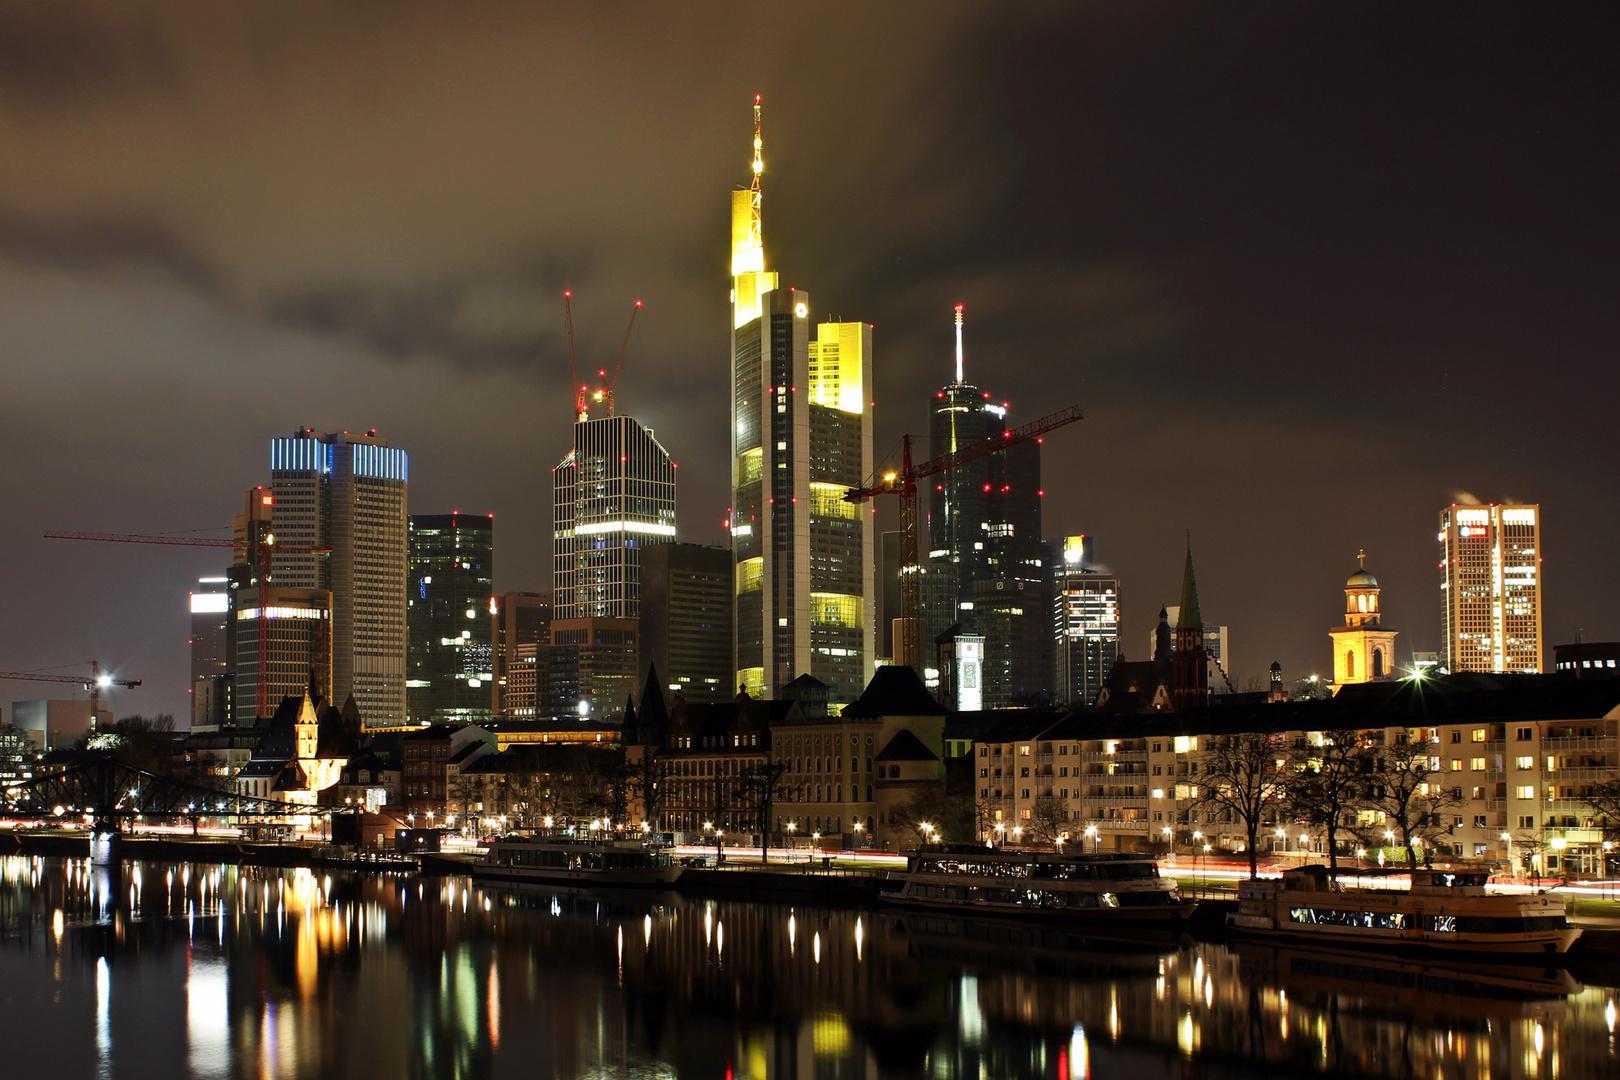 Frankfurt bei (eisiger) Nacht die 2te